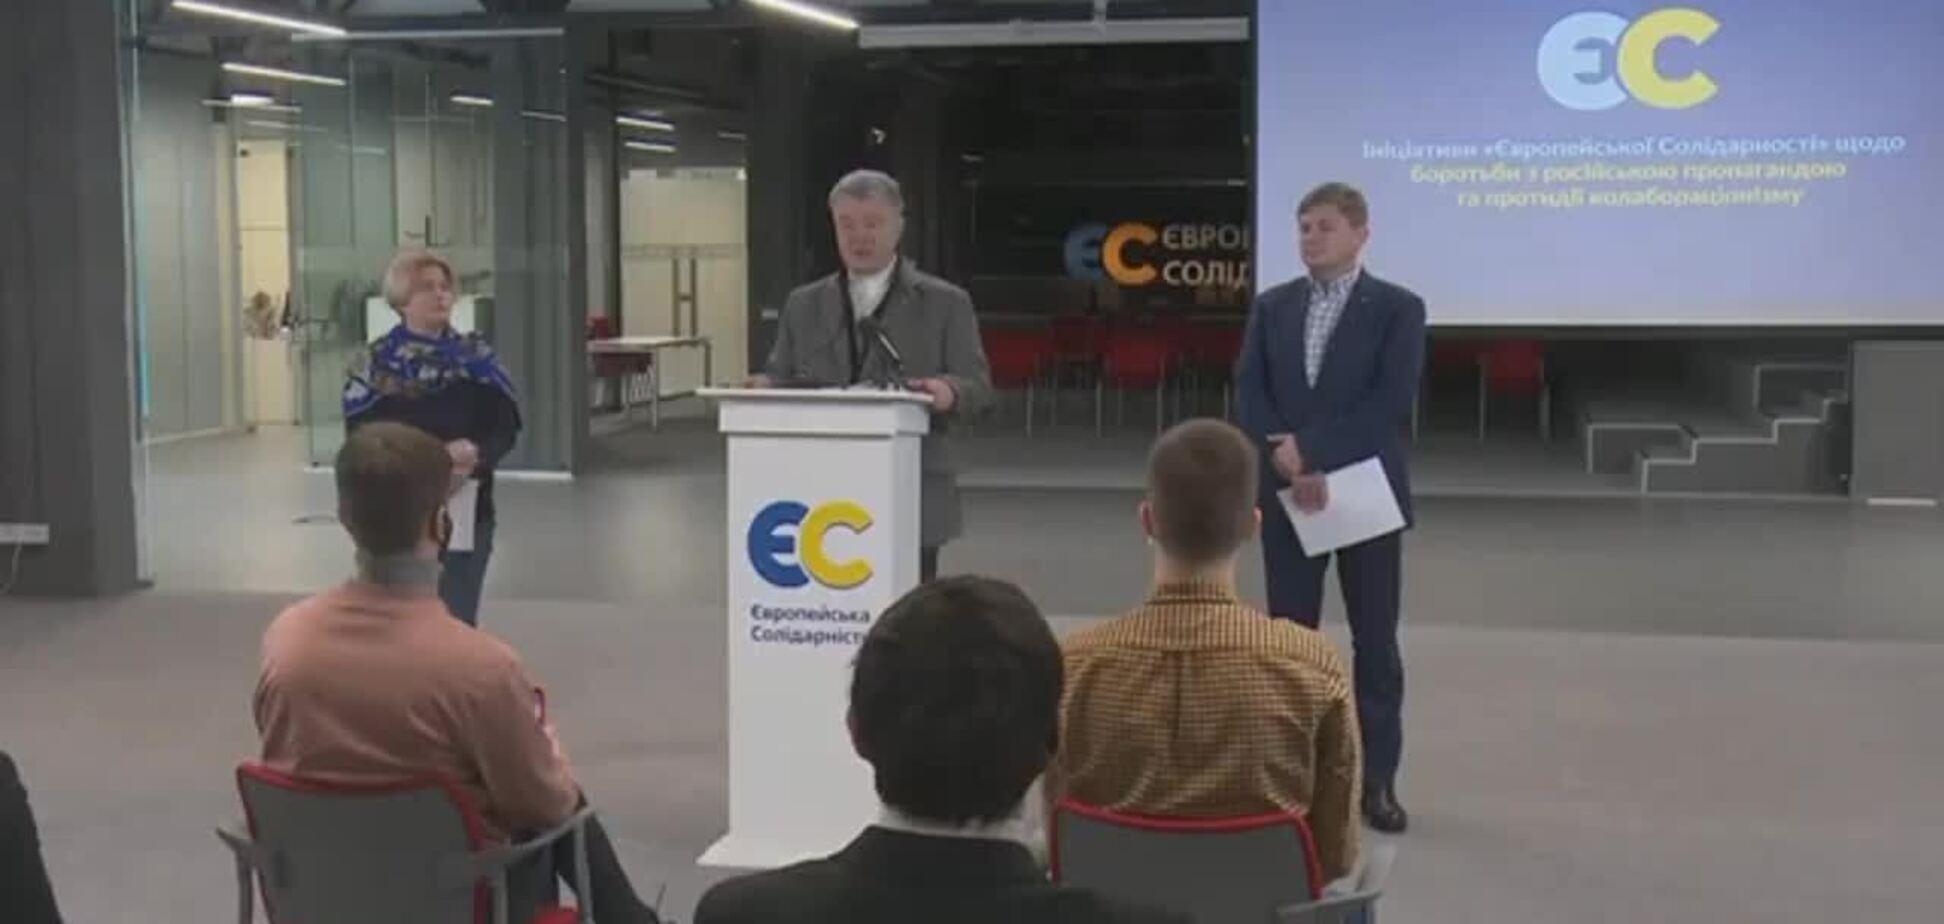 Порошенко розповів про ініціативи 'ЄС' щодо боротьби з російською пропагандою